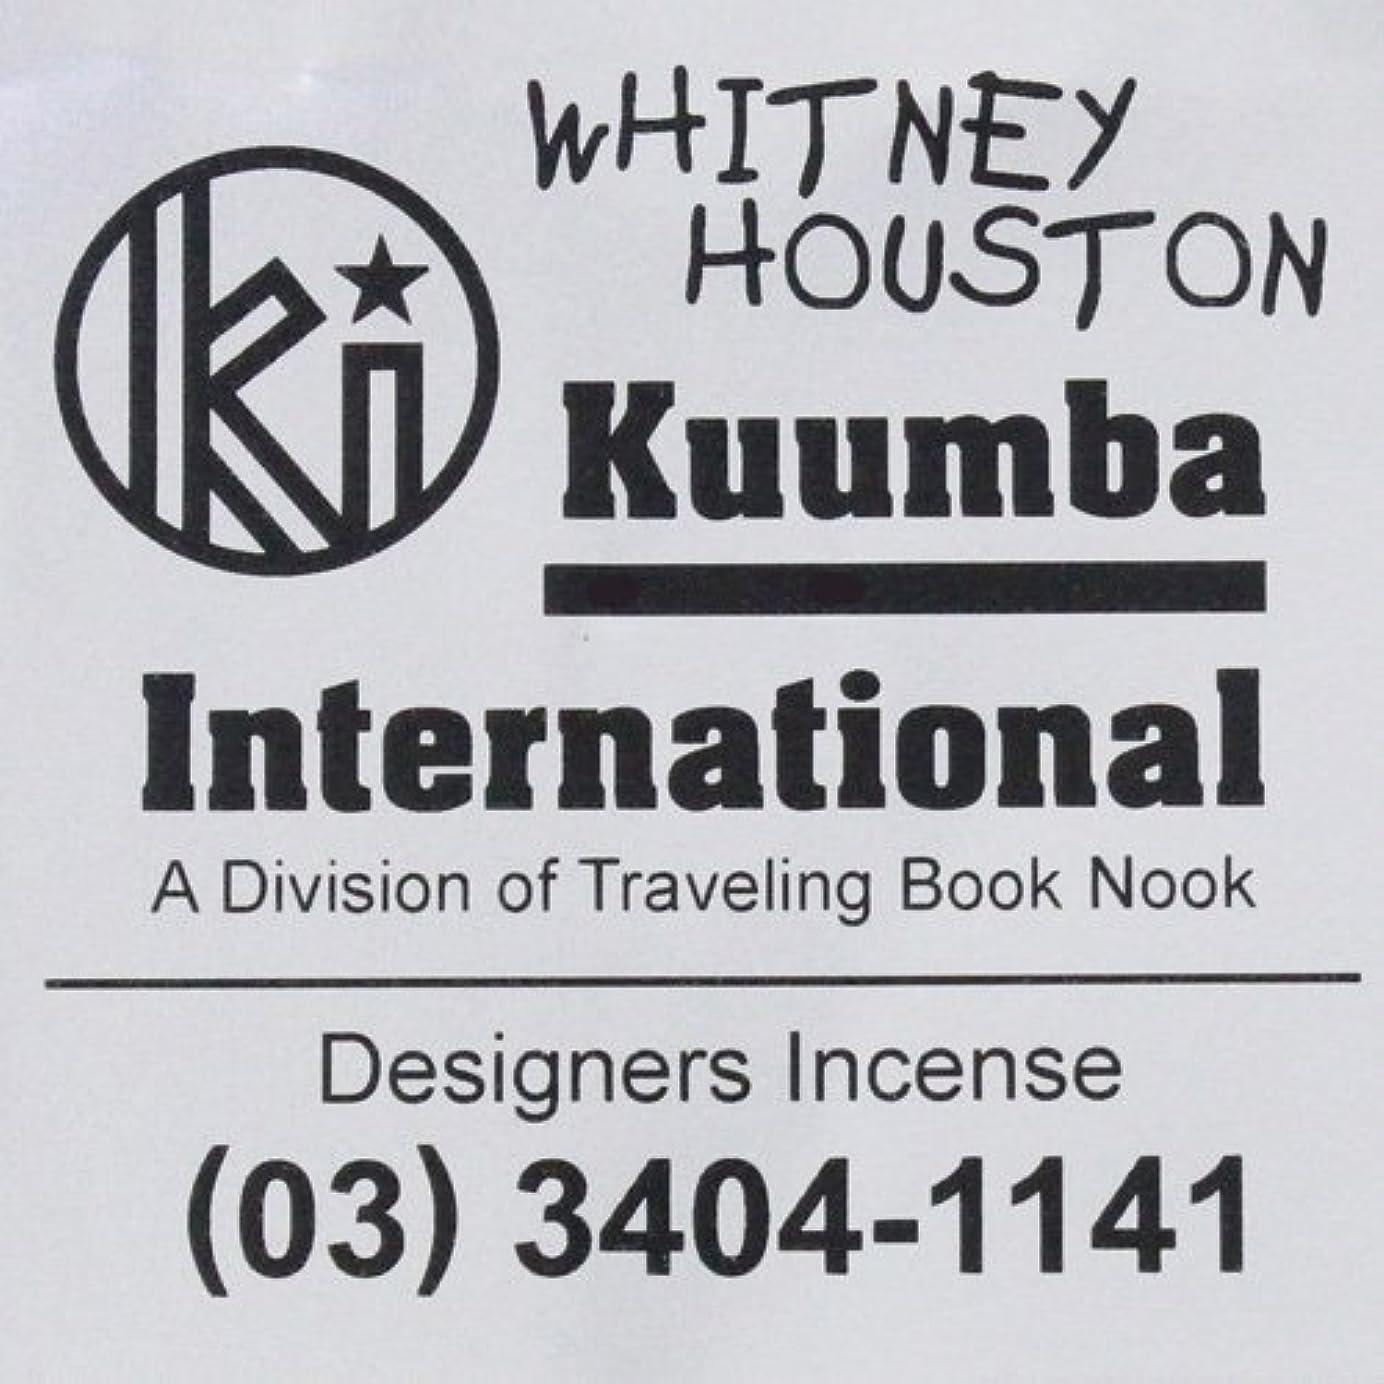 ダムデュアル現代KUUMBA (クンバ)『incense』(WHITNEY HOUSTON) (Regular size)